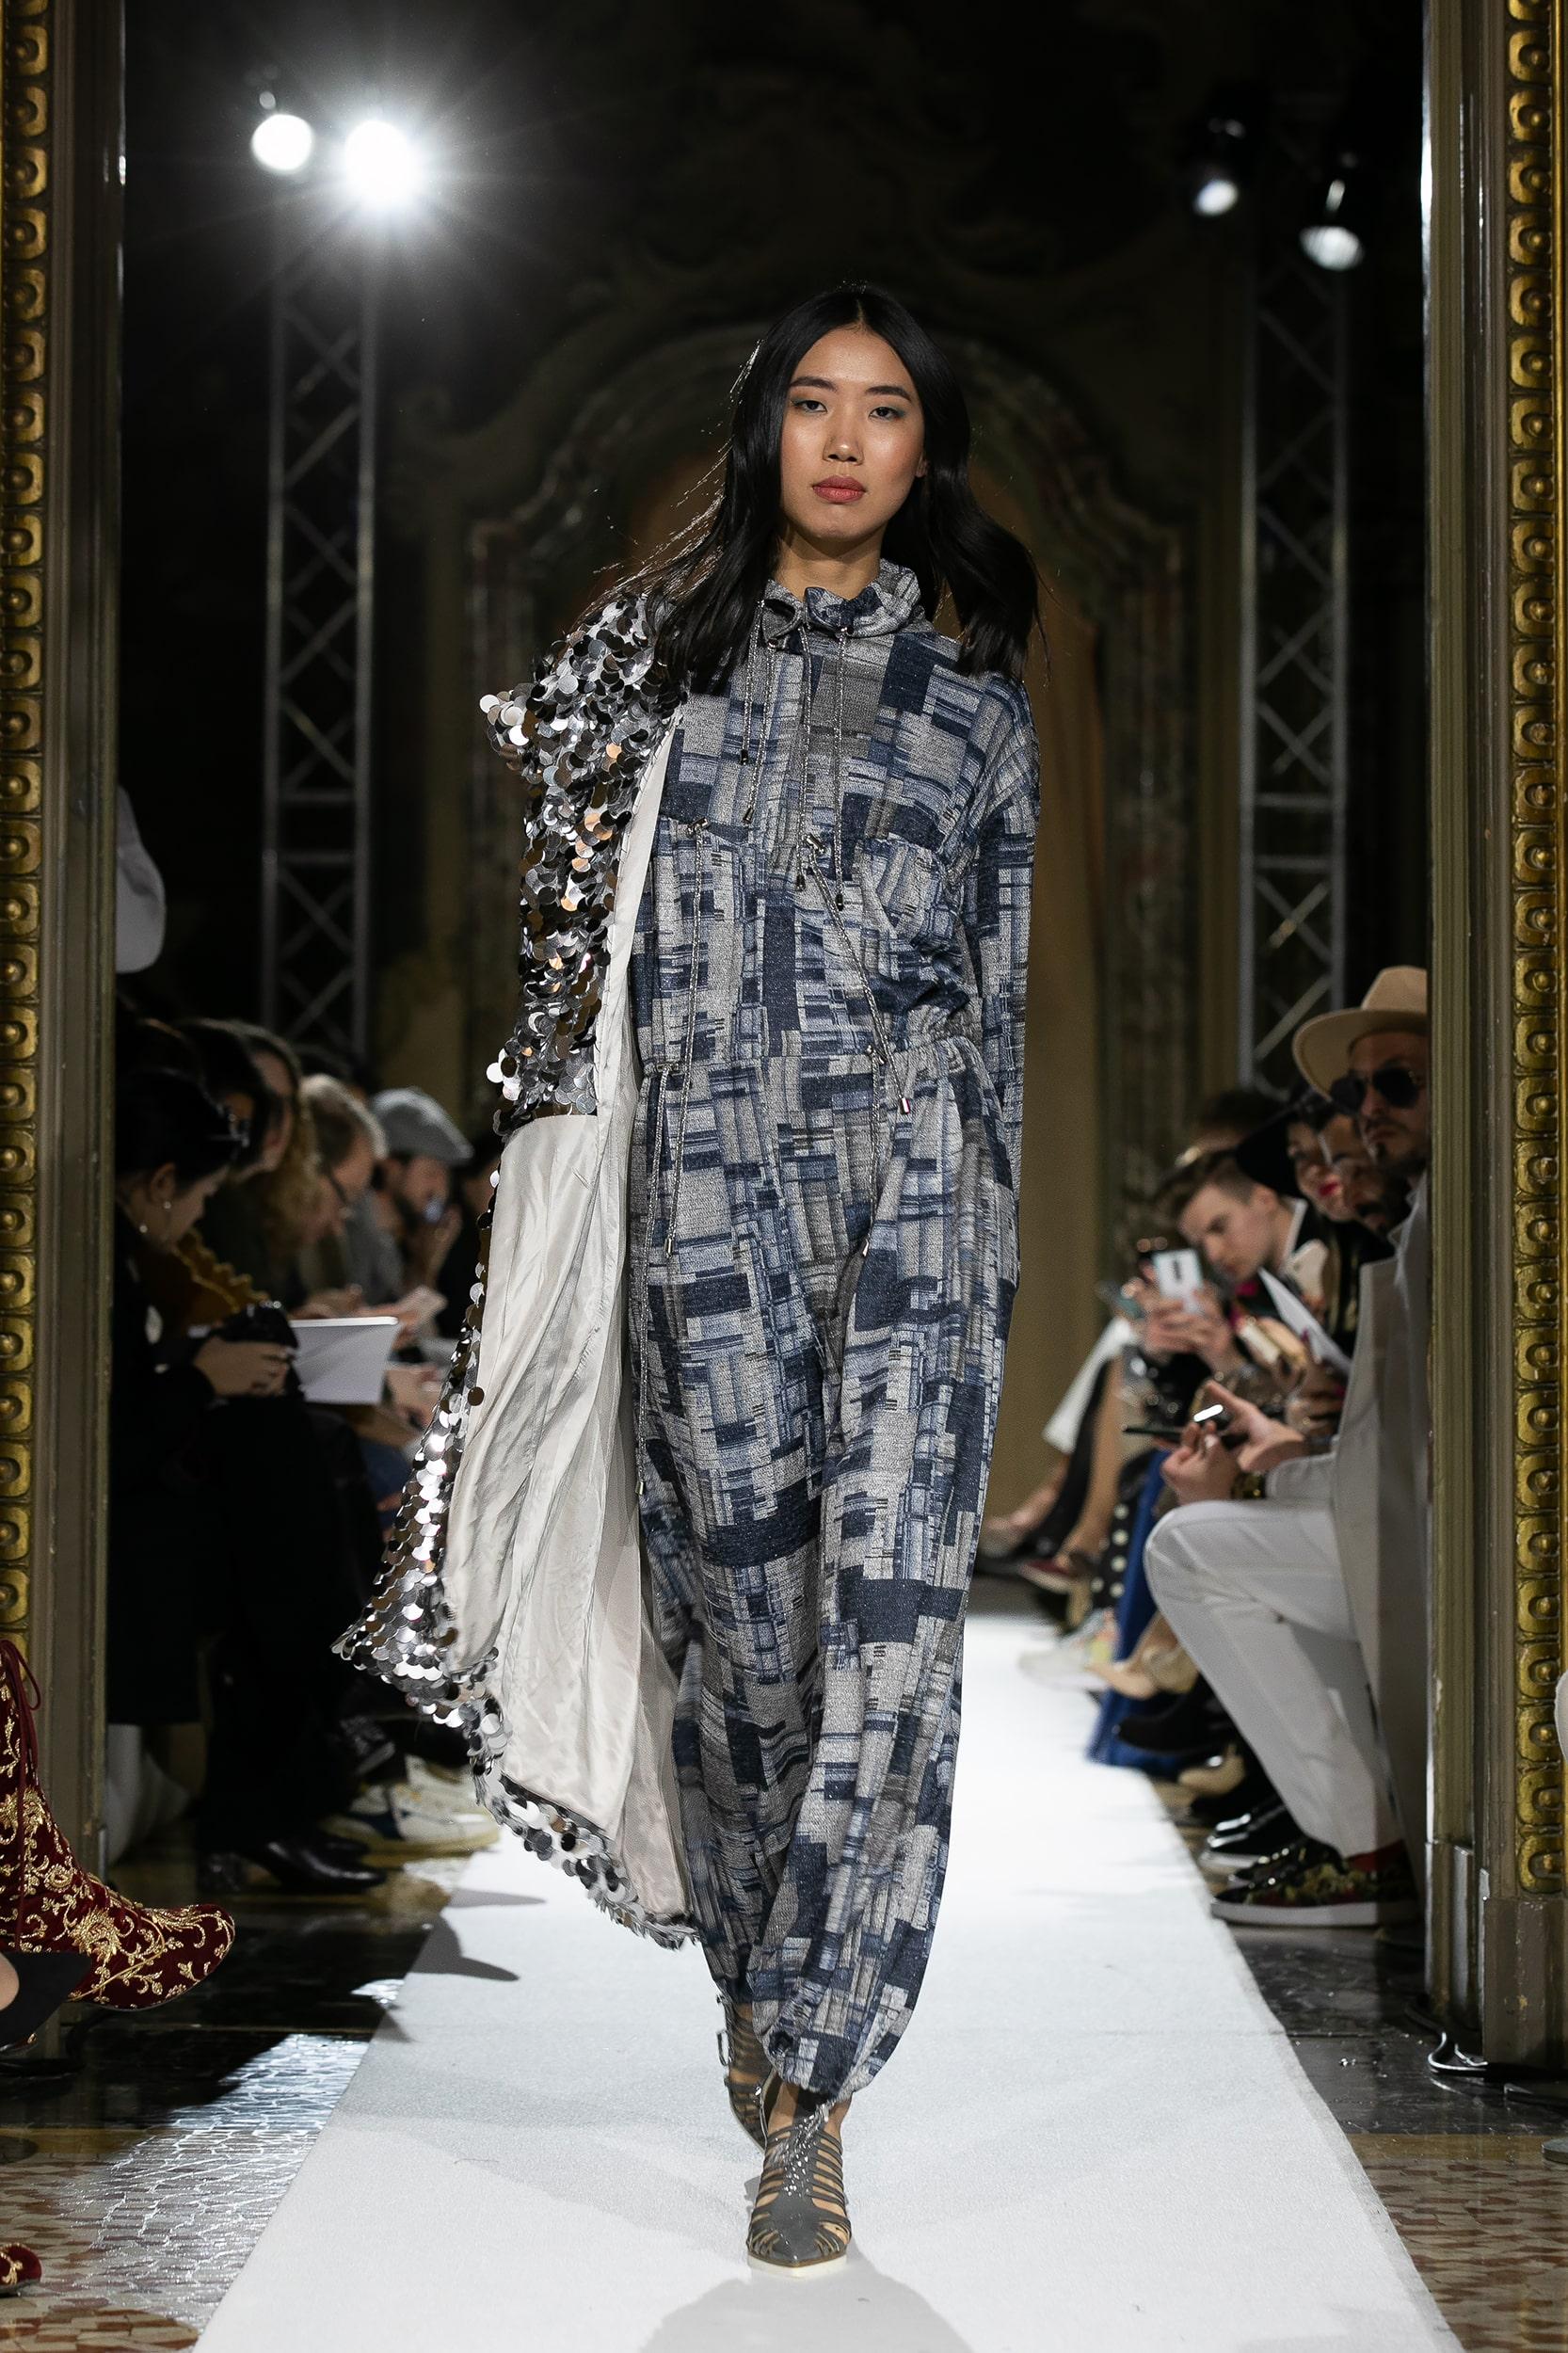 milan fashion week diana caramaci